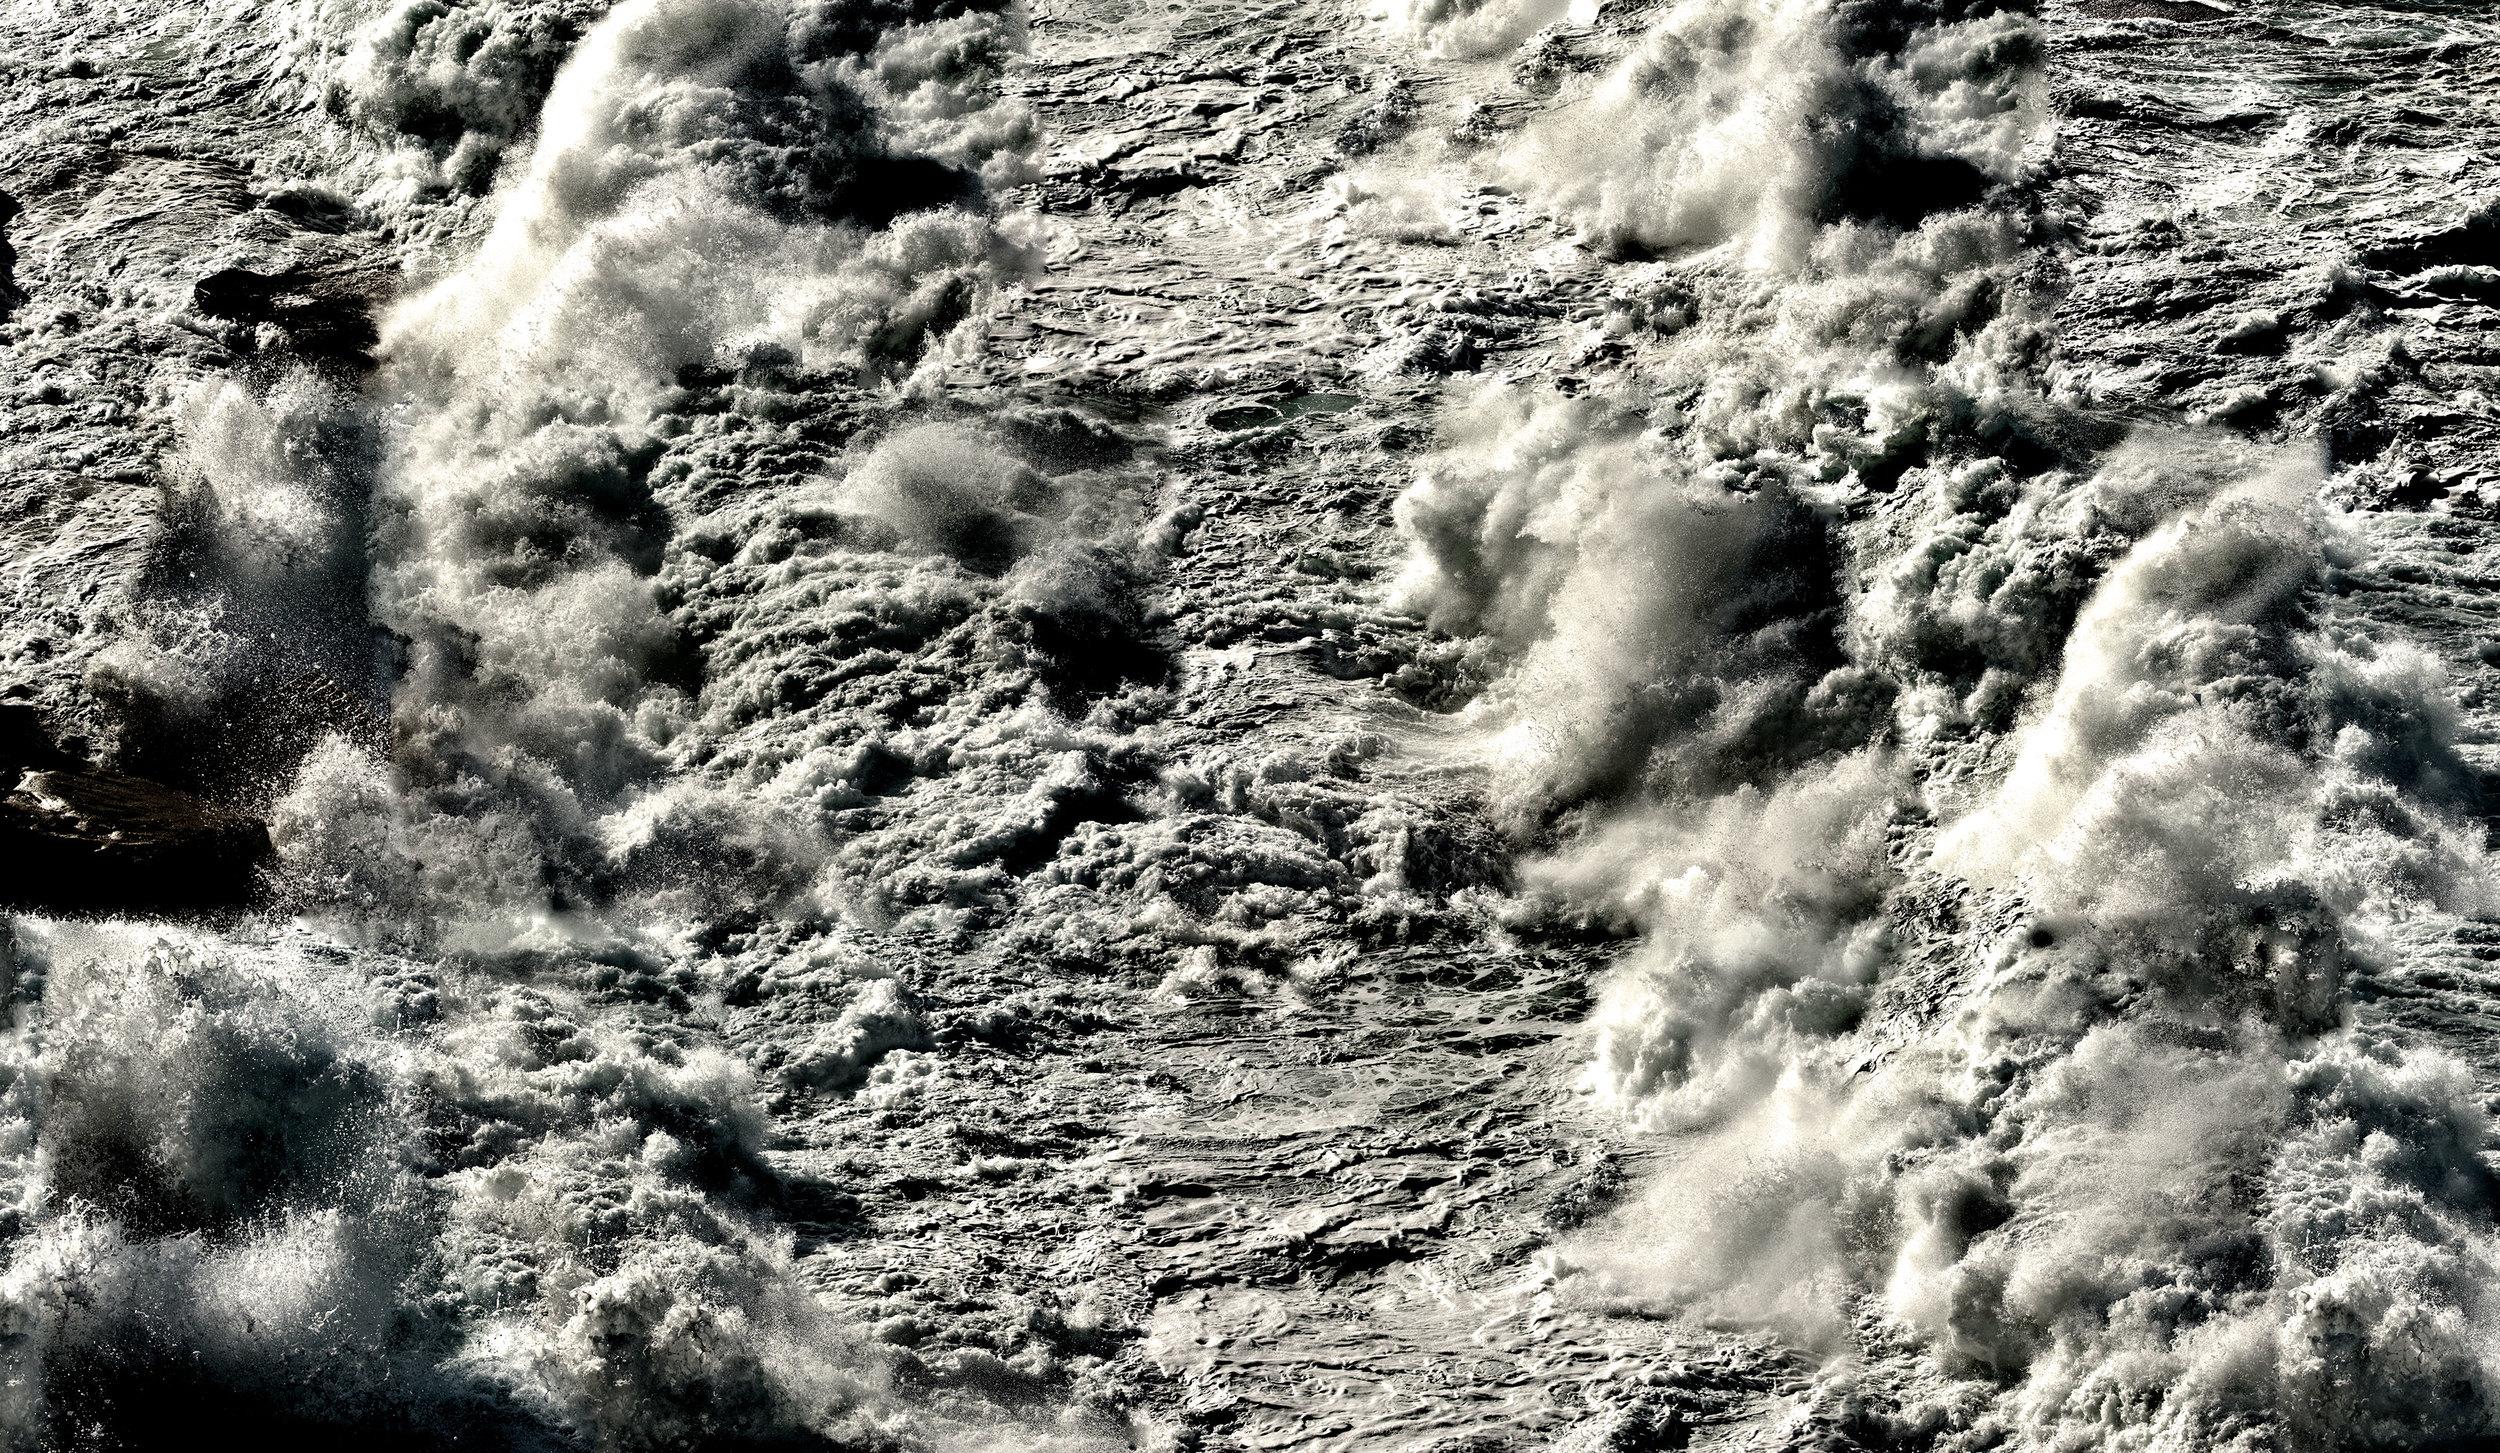 Waves&Clouds110607-000019flat.jpg